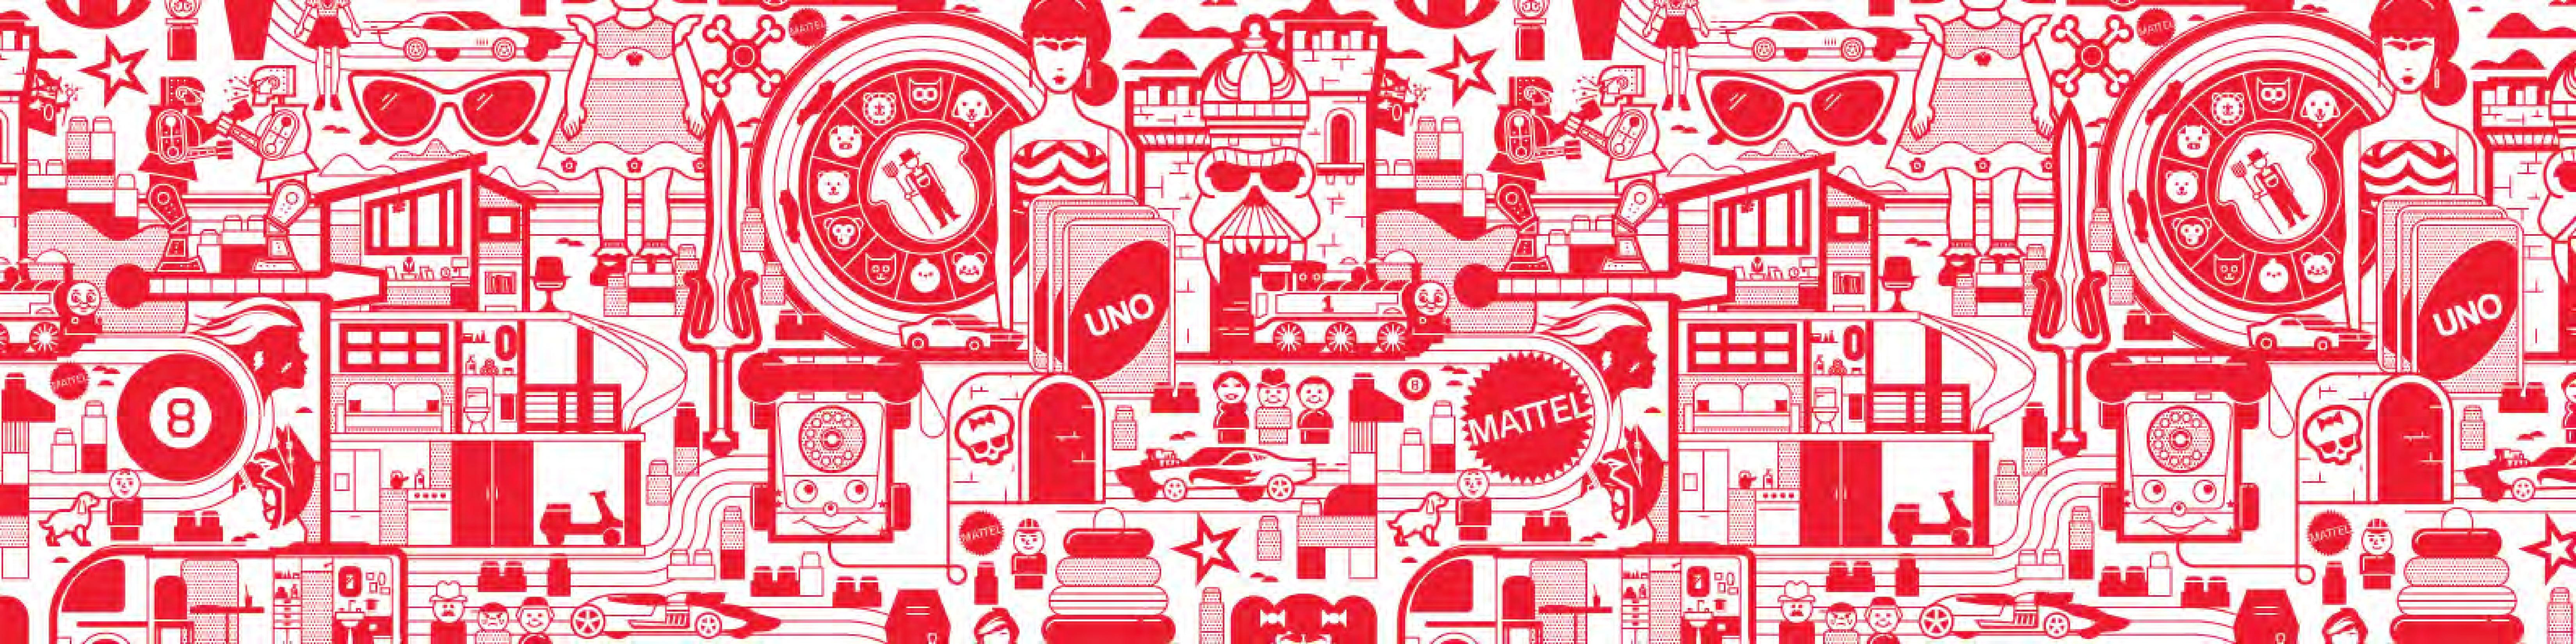 escritorio riñones Grave  Mattel, Inc.   LinkedIn